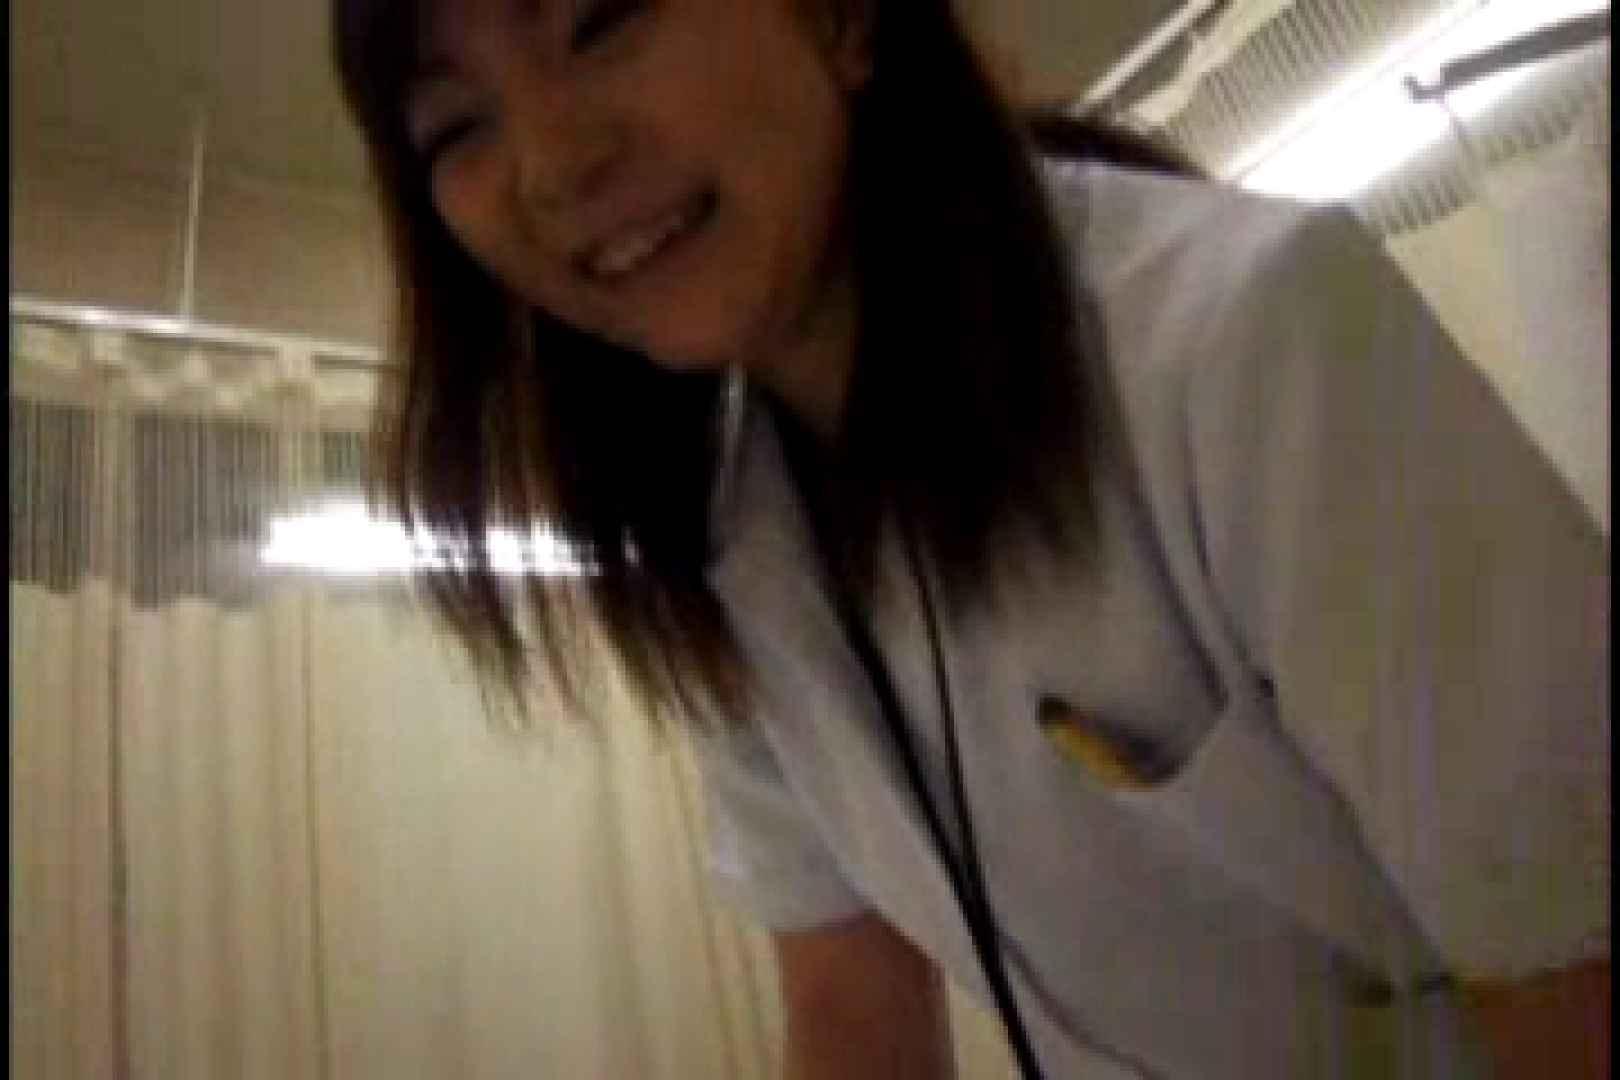 ヤリマンと呼ばれた看護士さんvol1 厠 おまんこ無修正動画無料 71枚 13